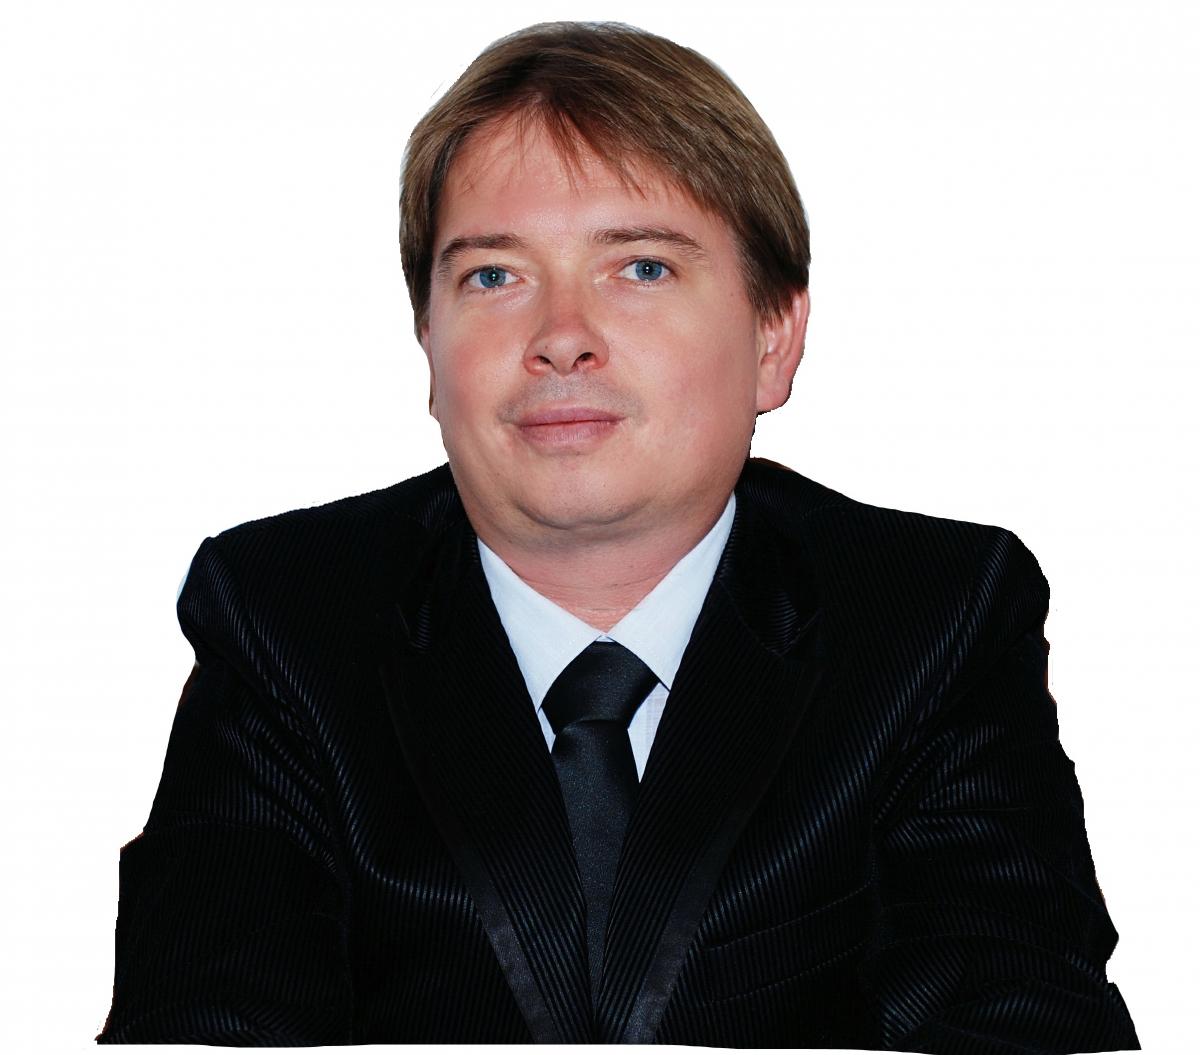 Адвокат Логинов Андрей Викторович - адрес, телефон